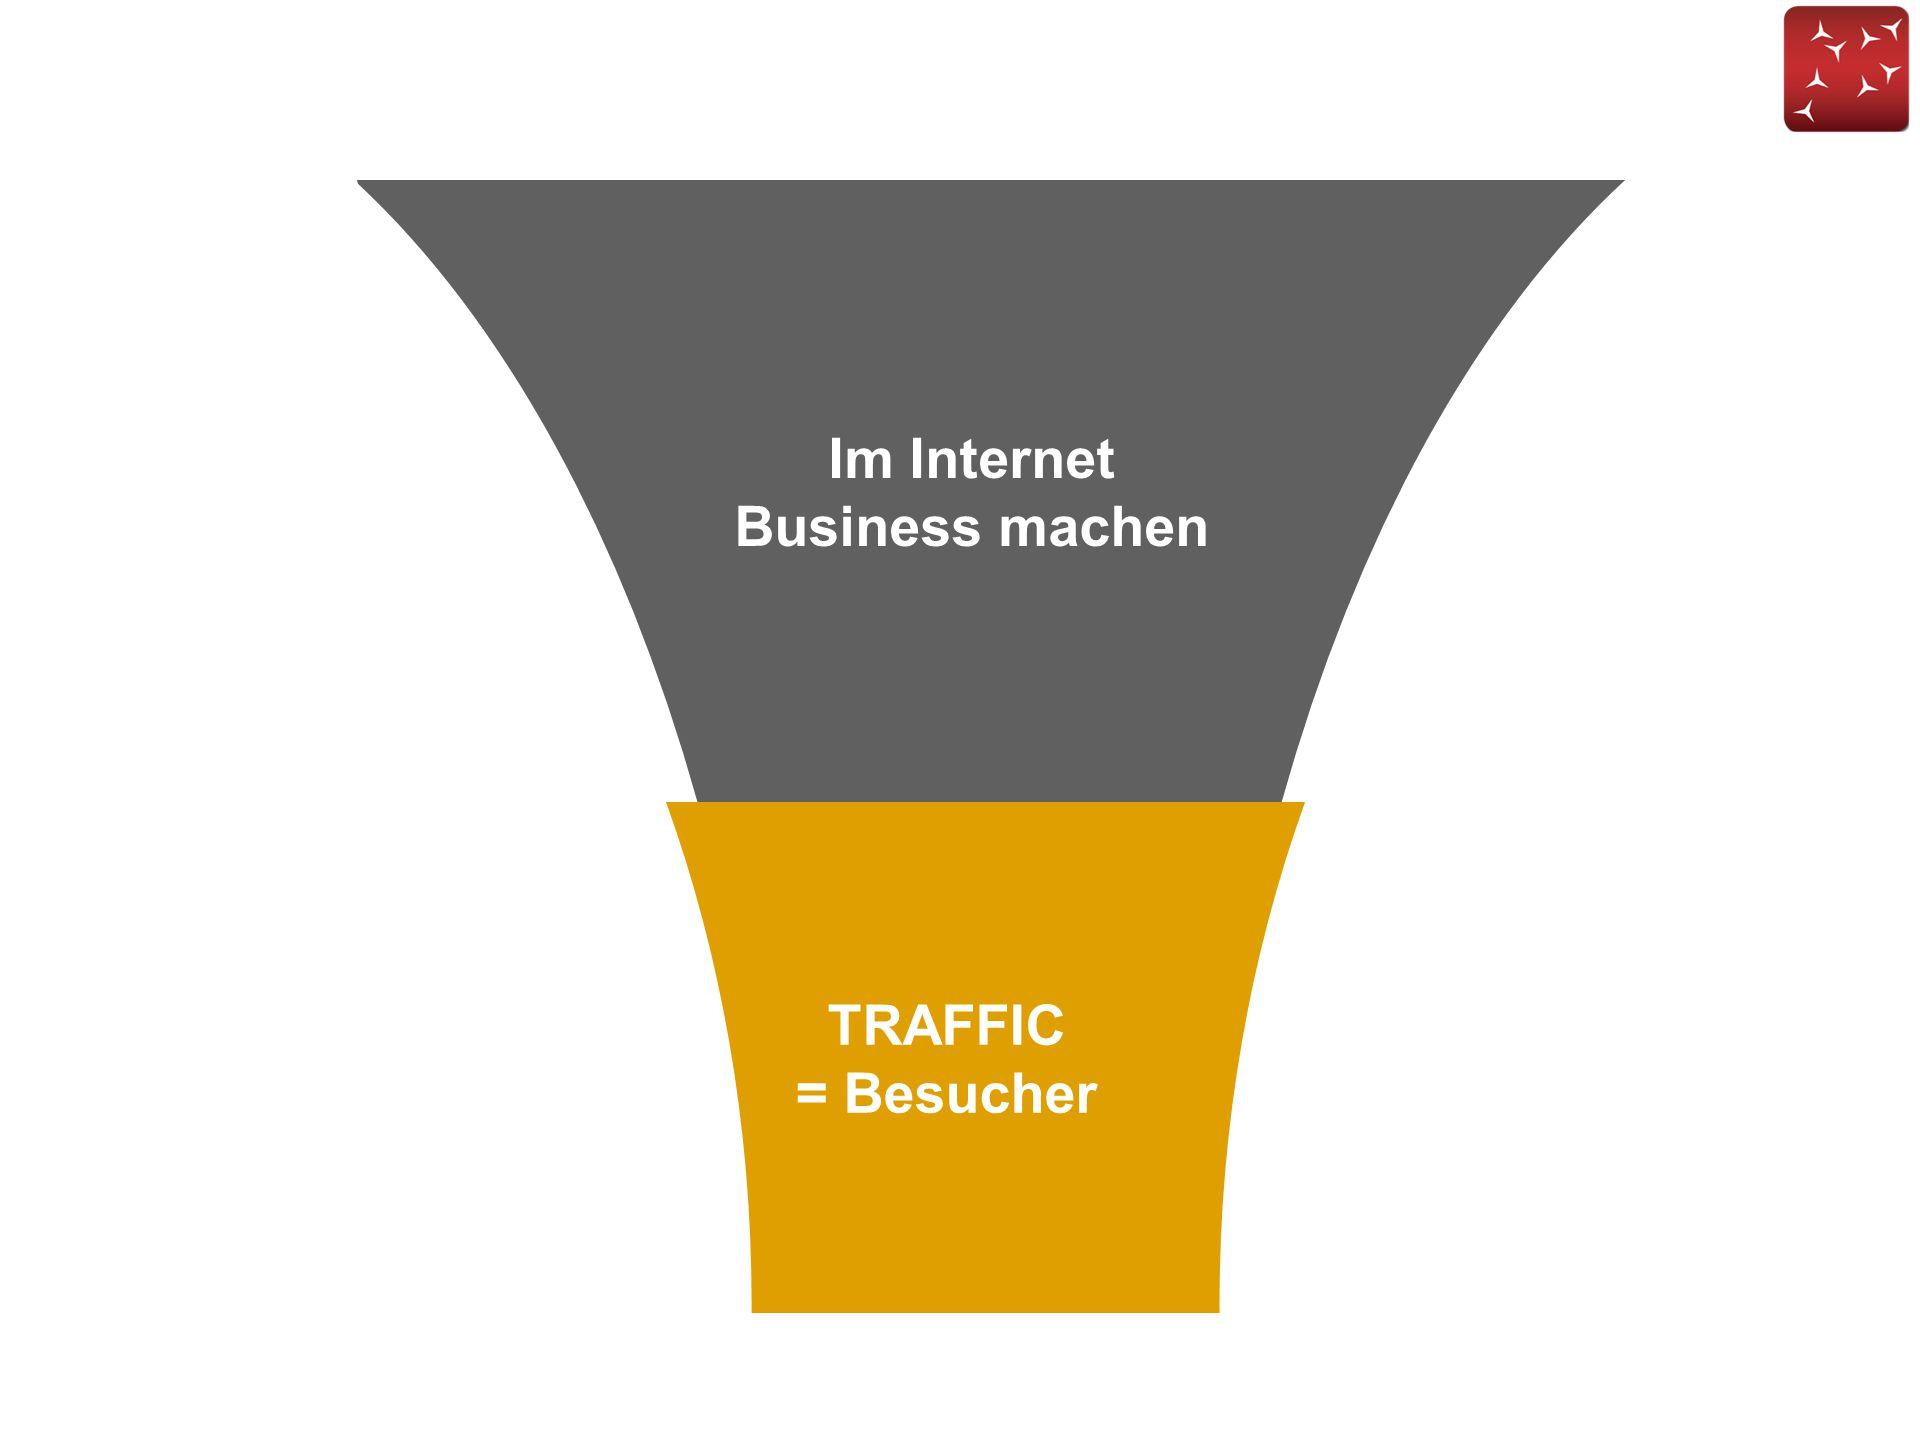 TRAFFIC = Besucher Im Internet Business machen